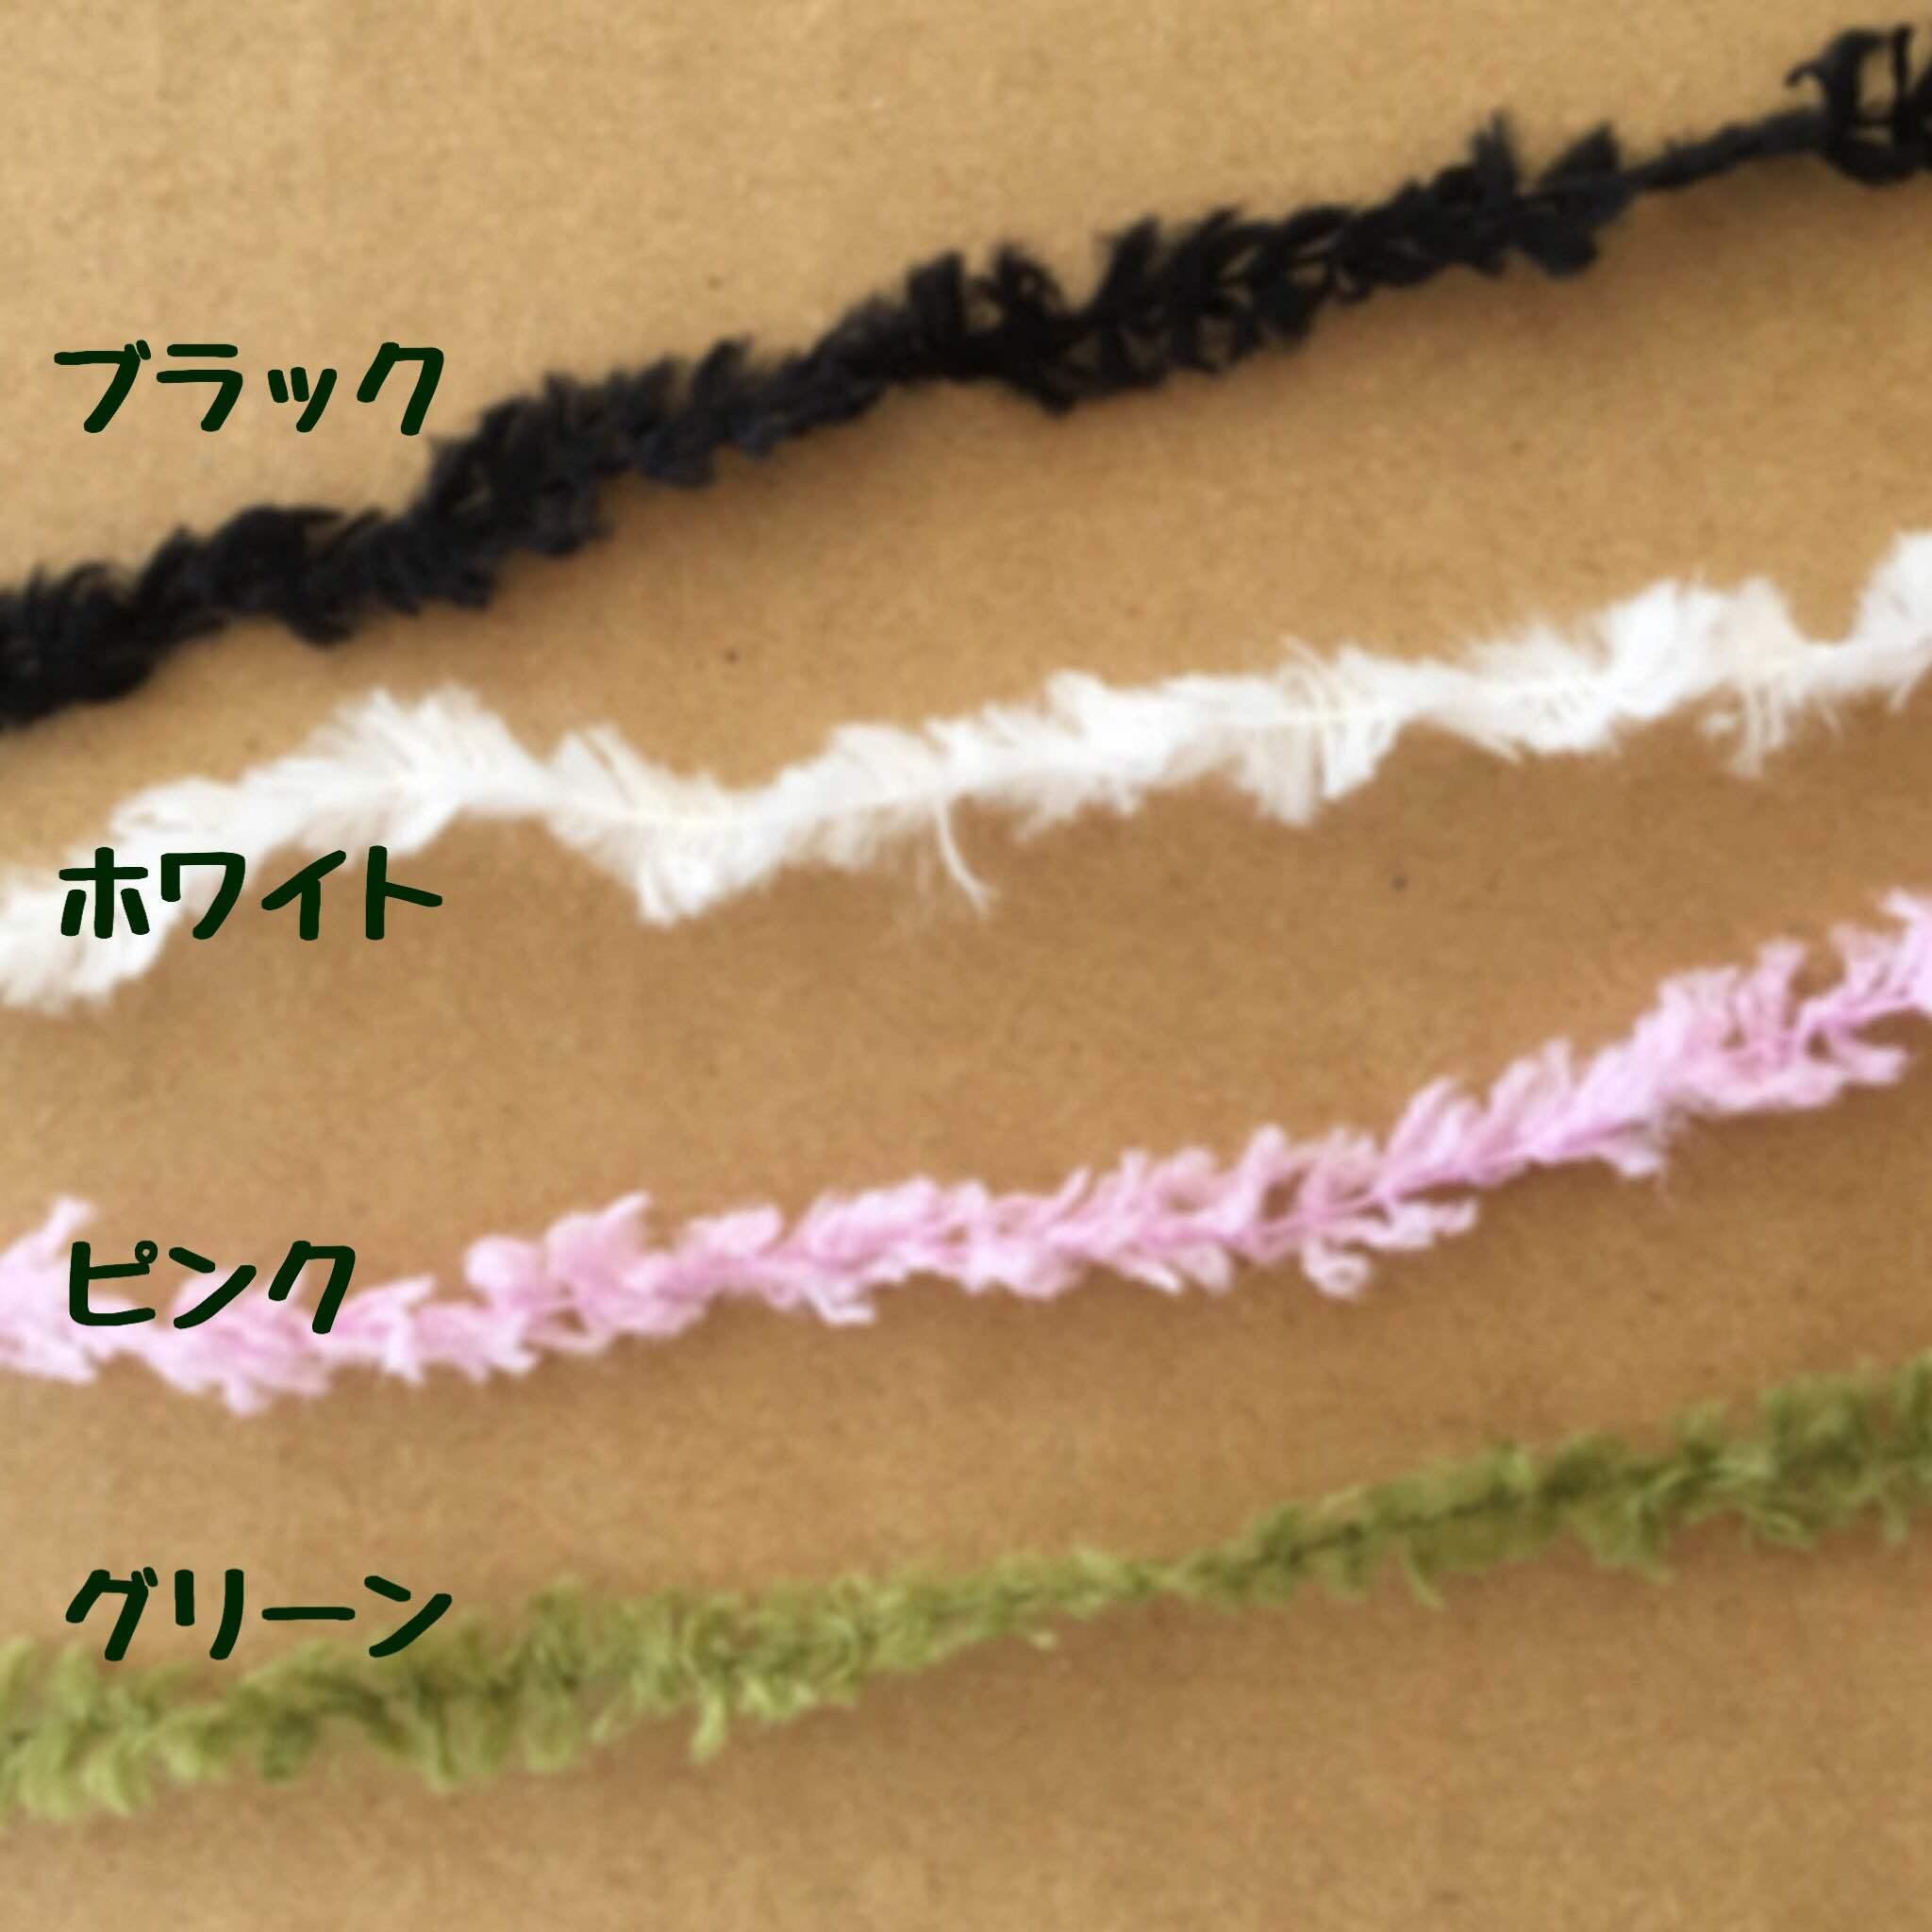 ギャザリング水苔3個&ベラボンサキュレント2袋 セット - 画像2